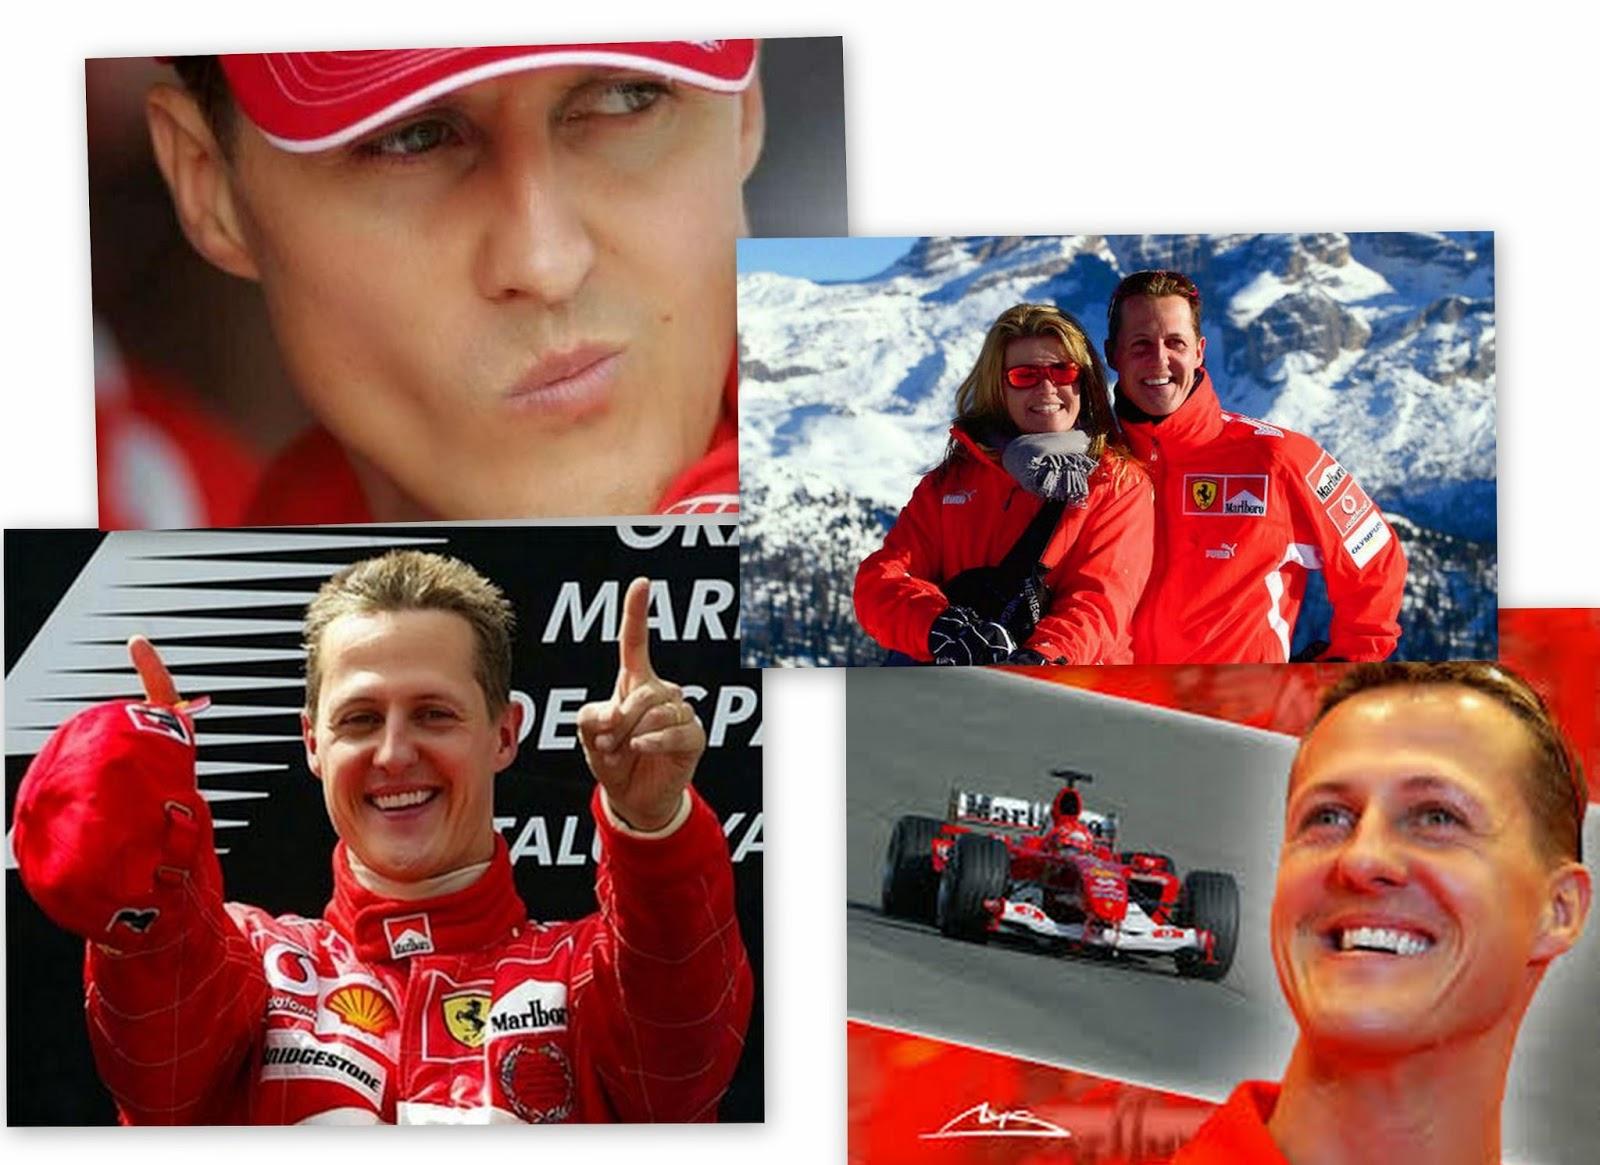 es un ex-piloto de Formula 1 , 7 veces campeón del Mundo. Apodado el